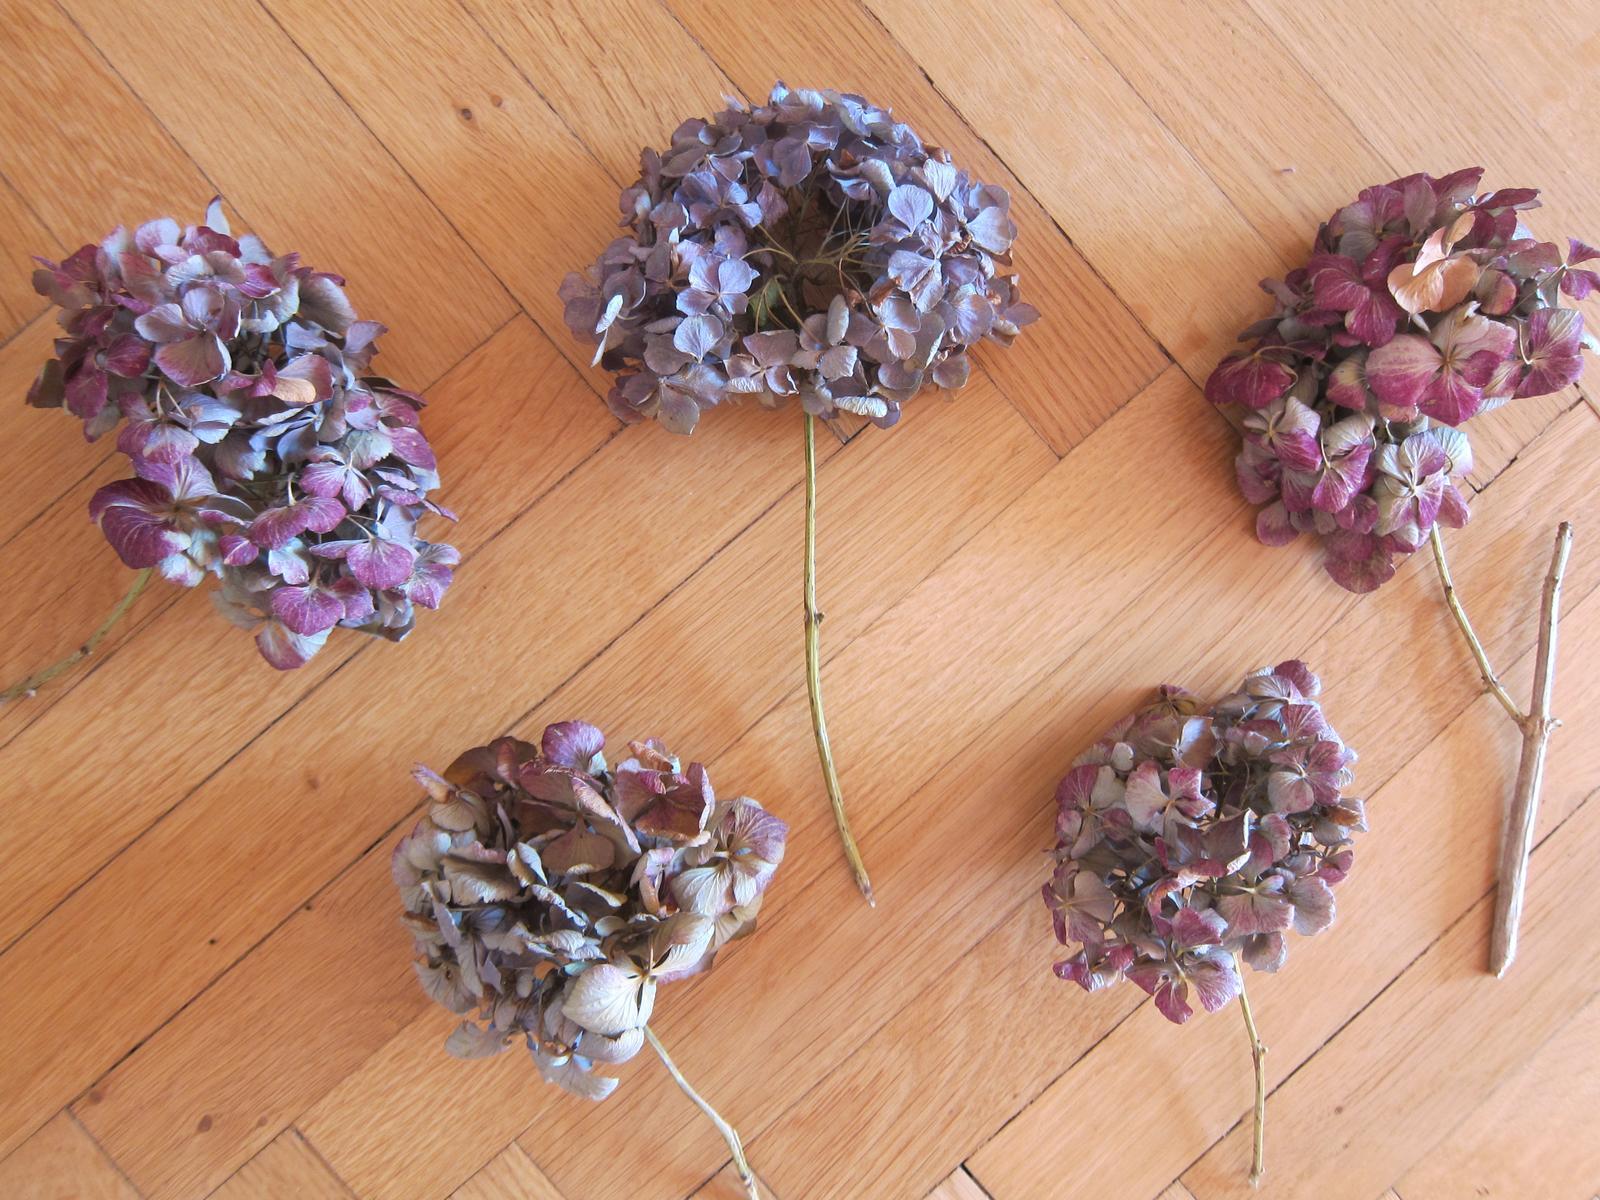 Sušená hortenzie-nové hlávky - Obrázek č. 1